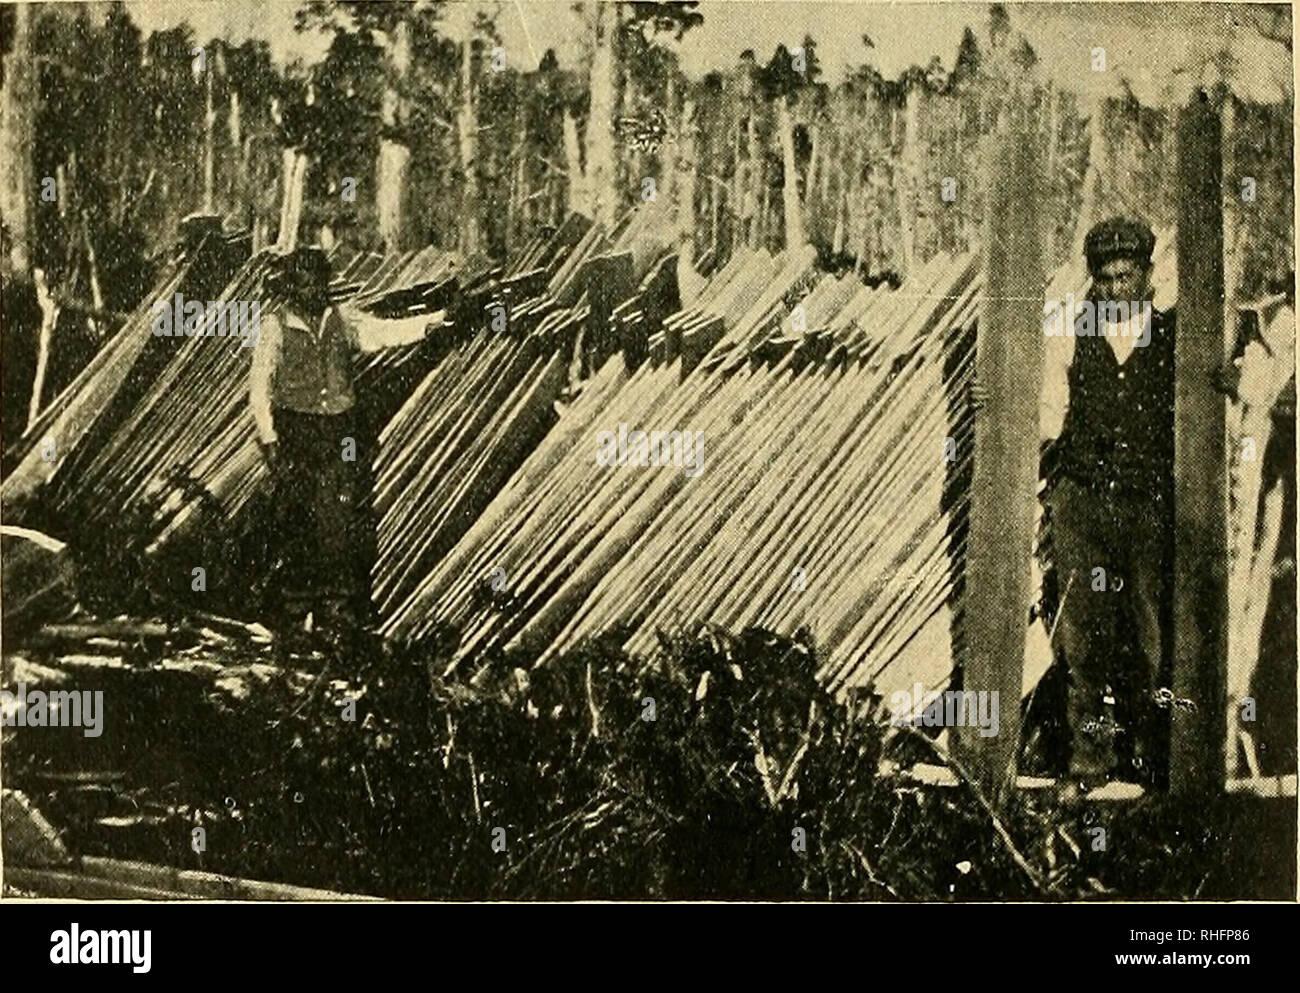 . Boletín del Museo Nacional de Chile. Natural history. FlG. 37.—Estopa de alerce en haces como se baja de los alerzales. La estraccioii de la estopa ocupa a hombres, mujeres i niños, que en grupos i a pié se dirijen a la selva a despojar al alerce de su codiciada en-. FlG. 38.—Colocación de las tablas de alerce en los alerzales.. Please note that these images are extracted from scanned page images that may have been digitally enhanced for readability - coloration and appearance of these illustrations may not perfectly resemble the original work.. Museo Nacional de Chile. Santiago de Chile : M - Stock Image